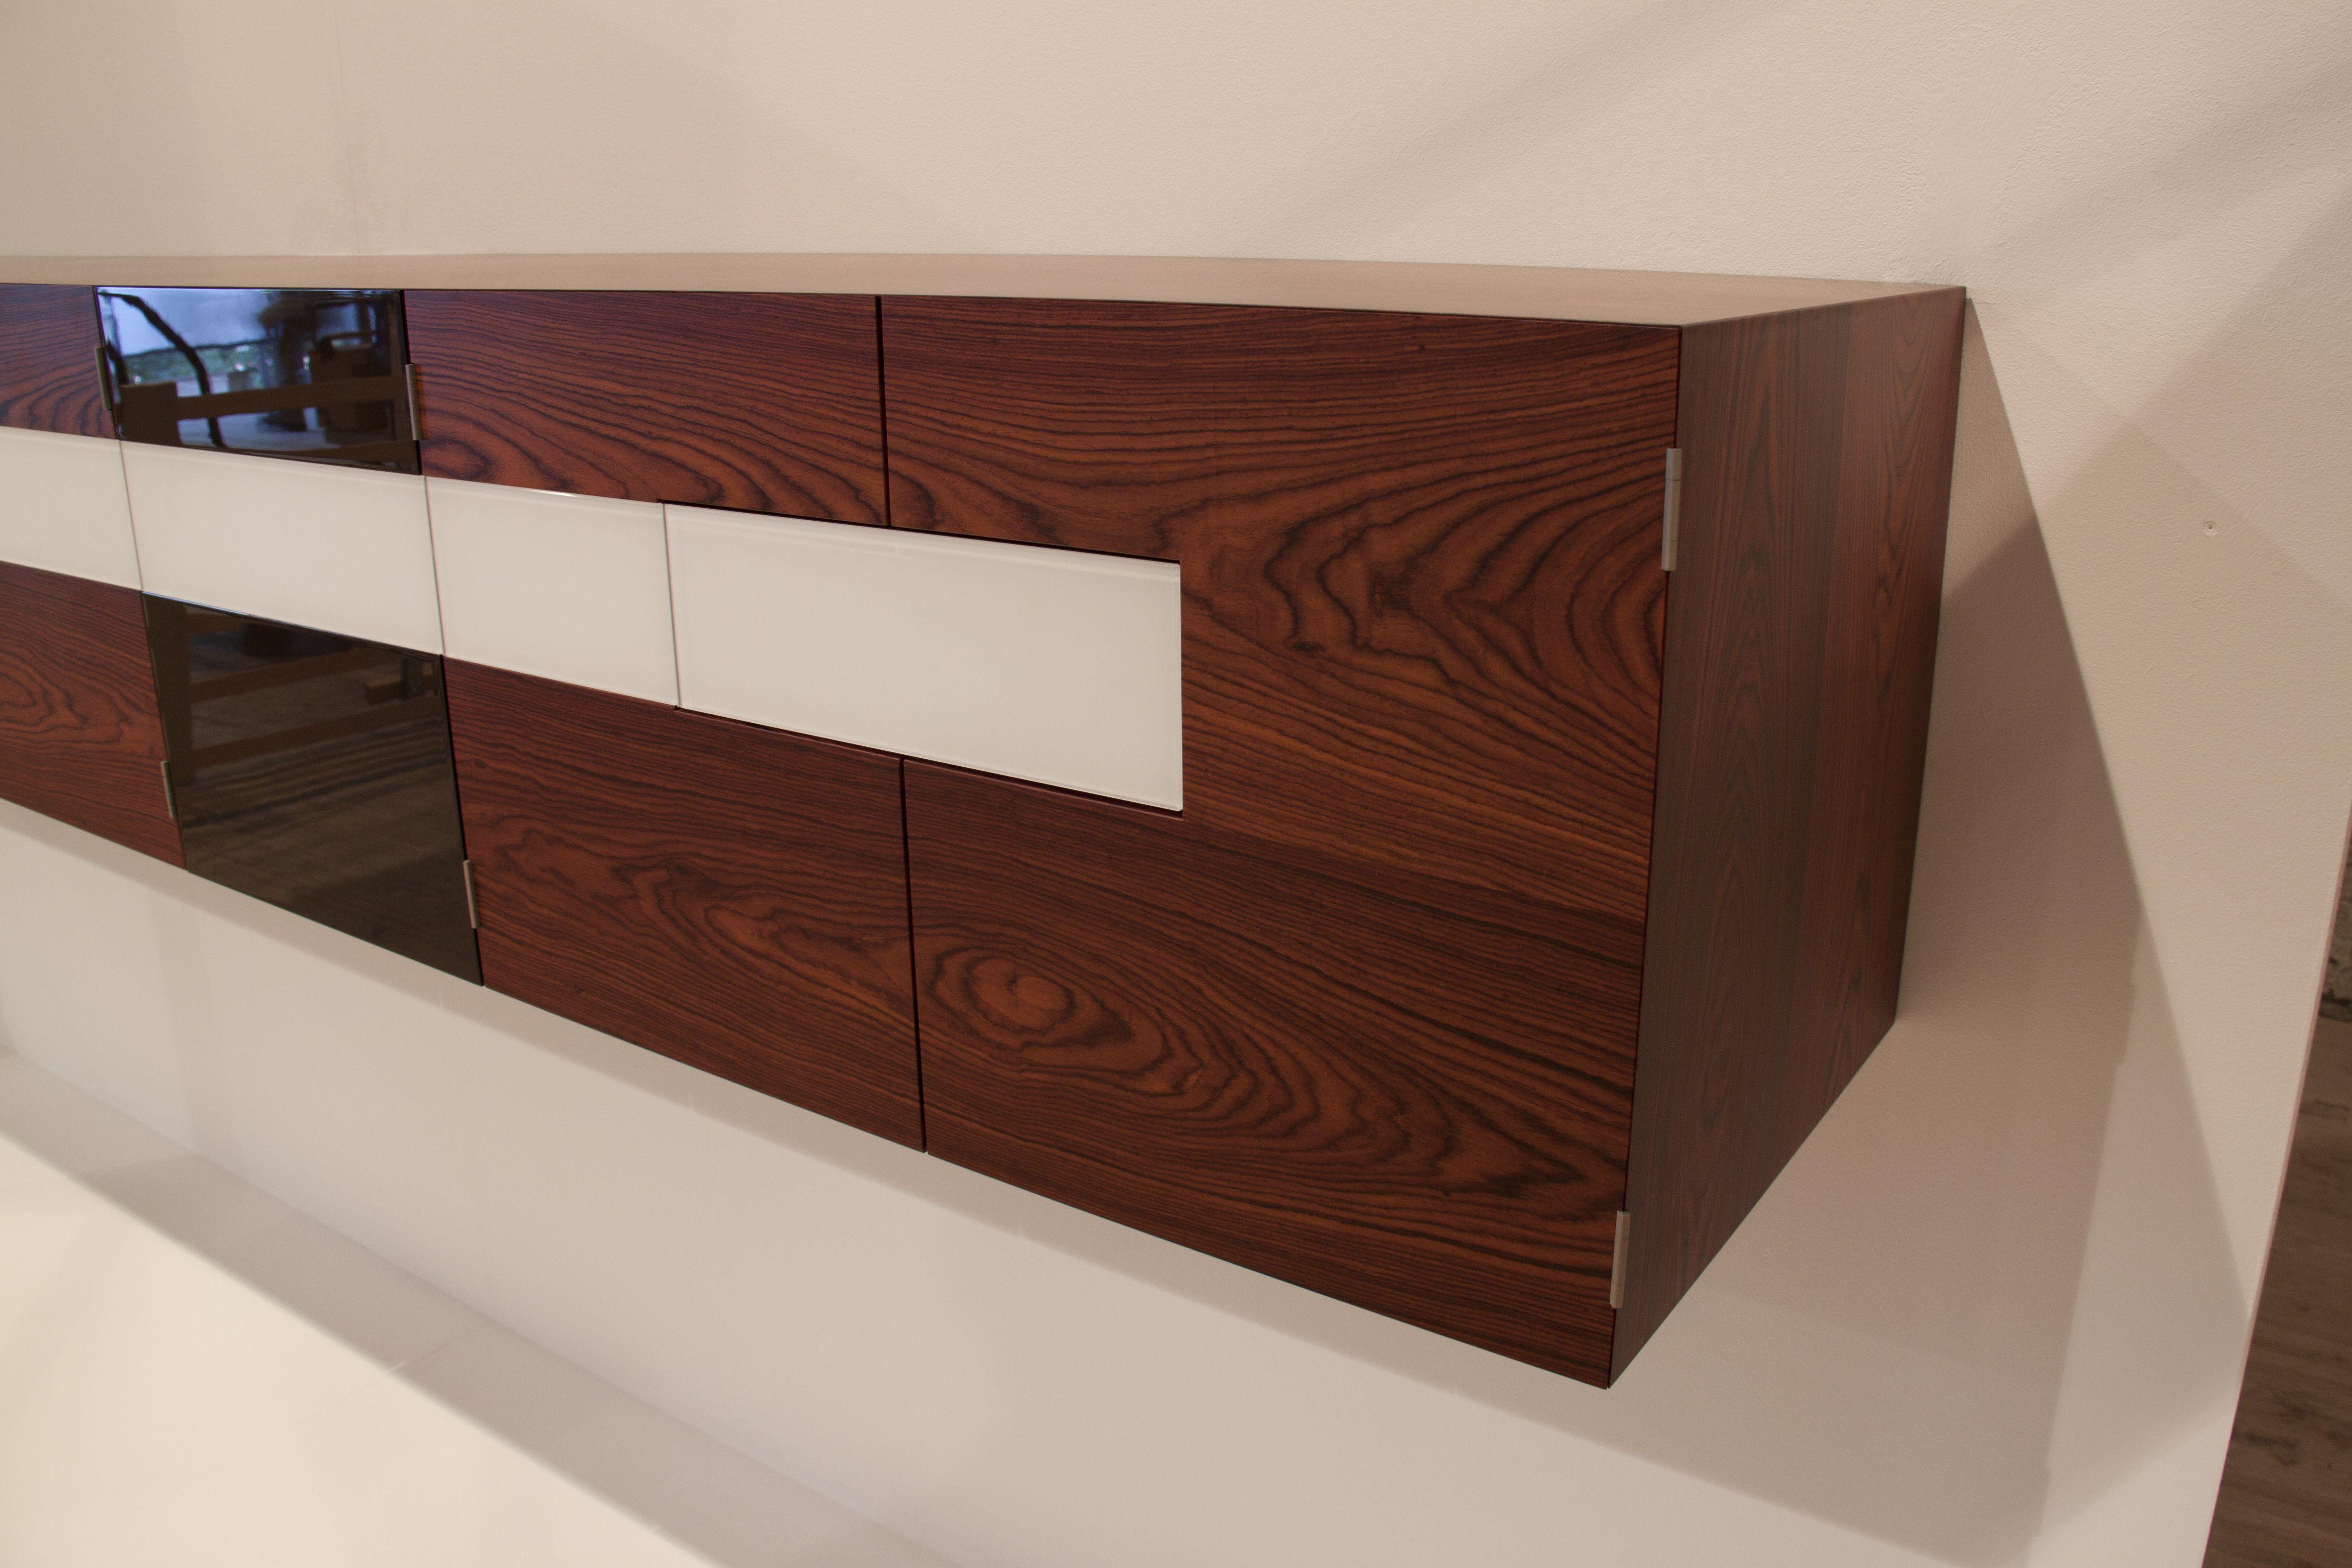 meisterst ck sideboard in kingwood l s meister. Black Bedroom Furniture Sets. Home Design Ideas